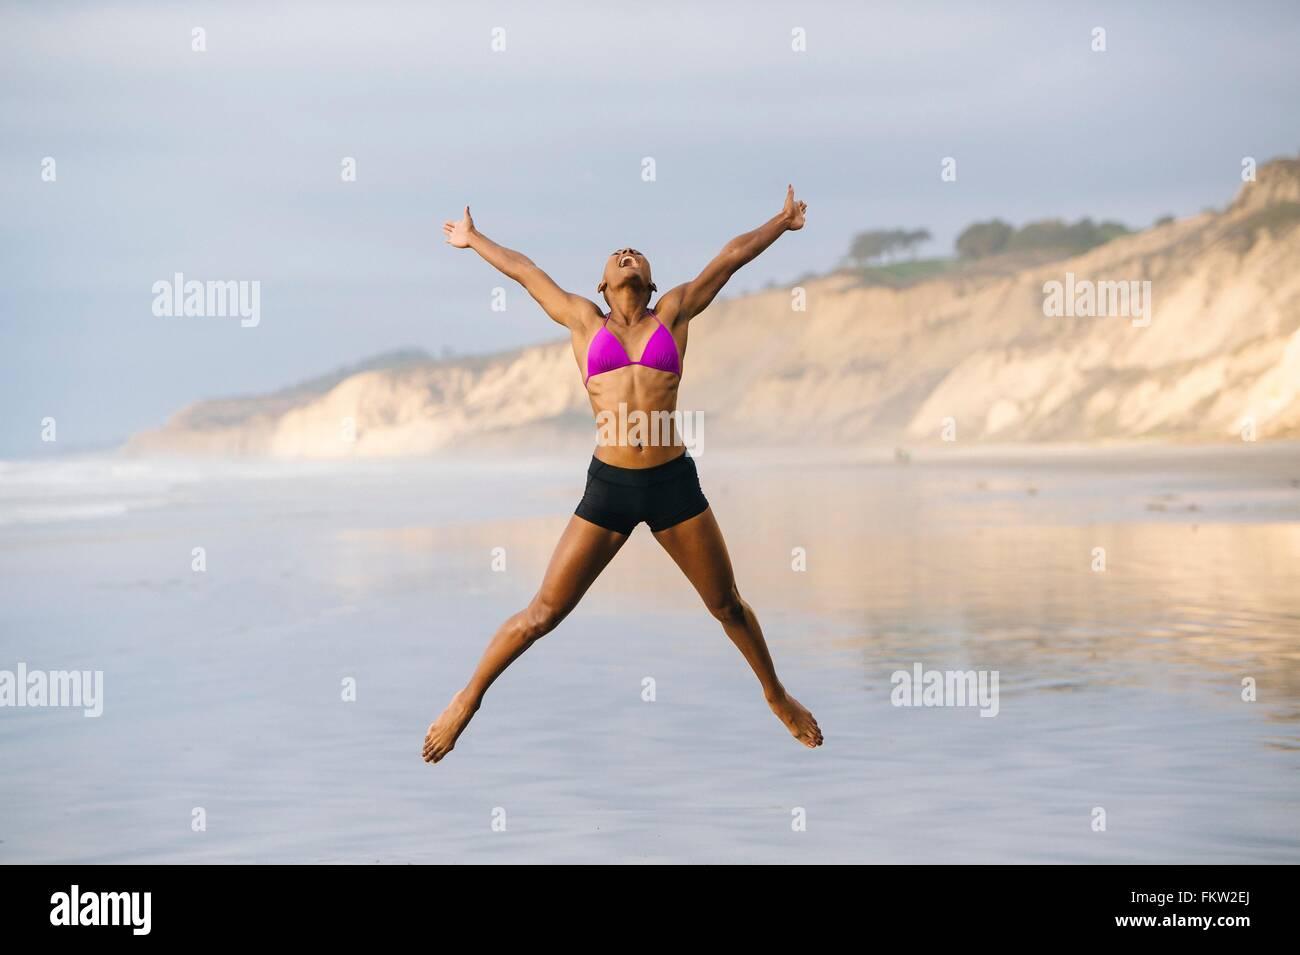 Woman in bikini jumping on beach - Stock Image